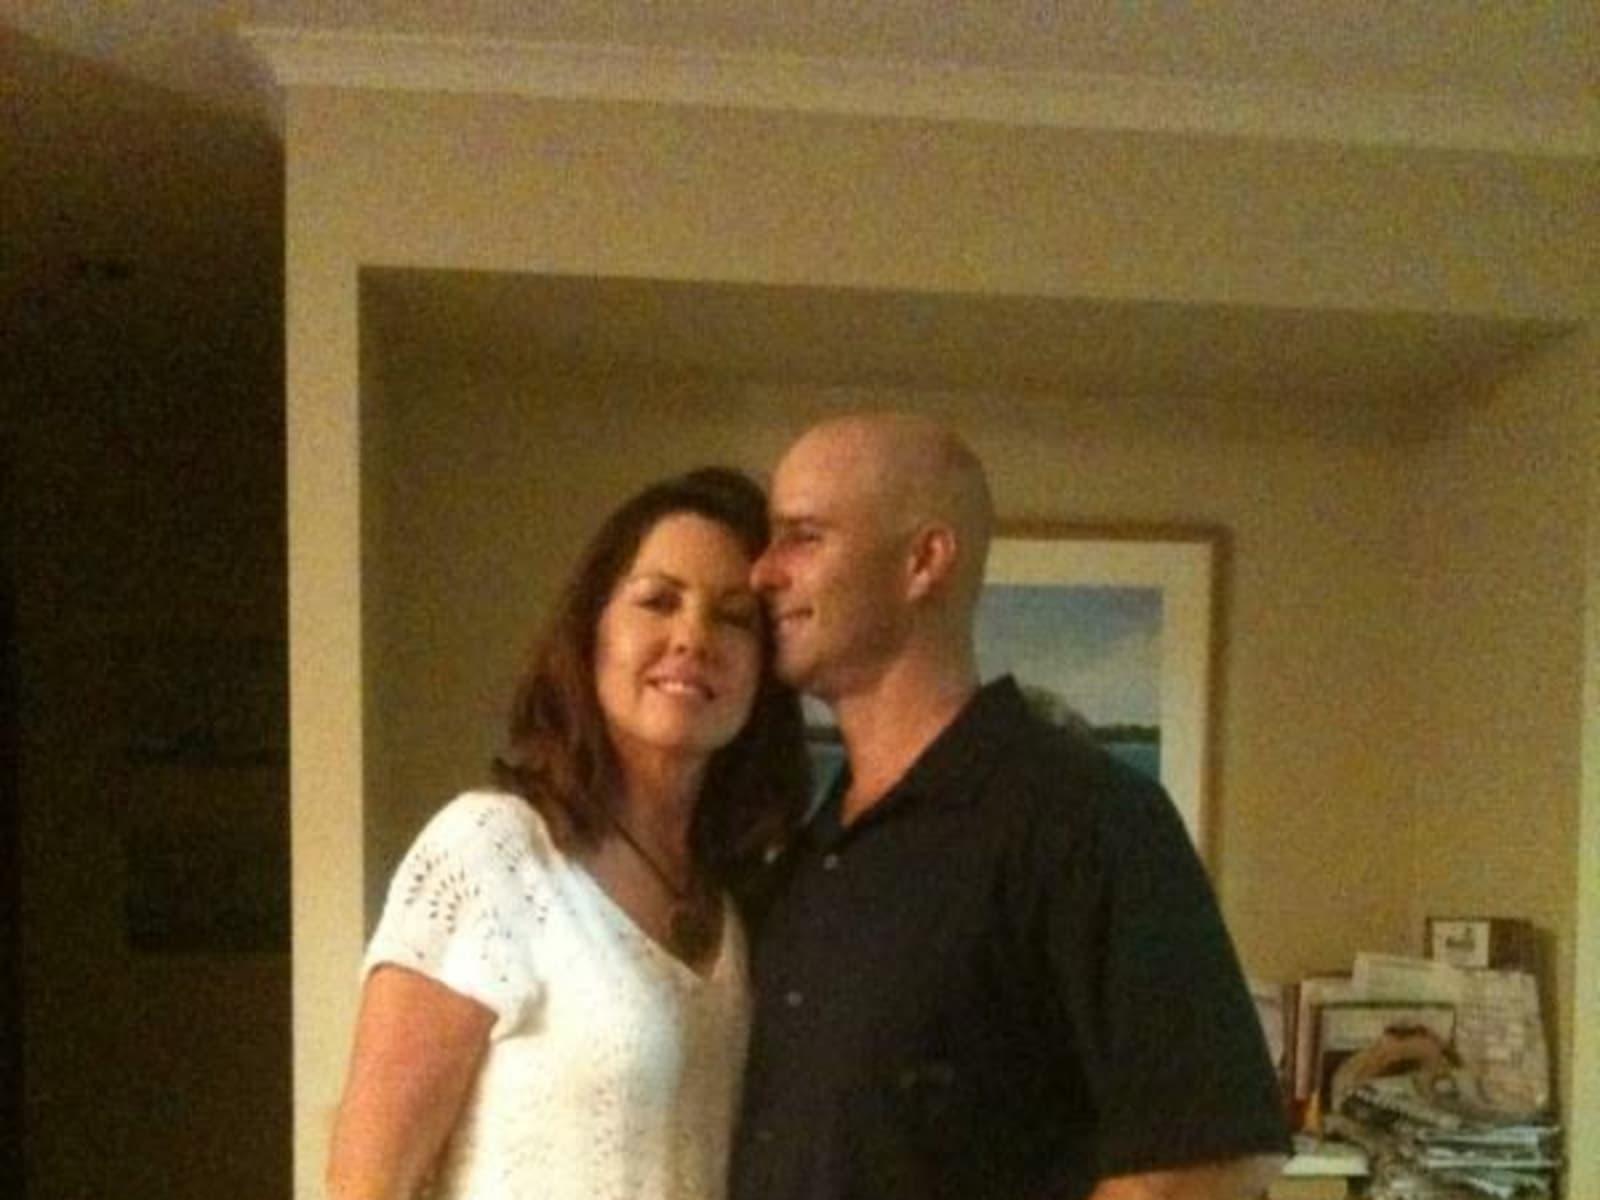 Tracey & Matthew from Mackay City, Queensland, Australia